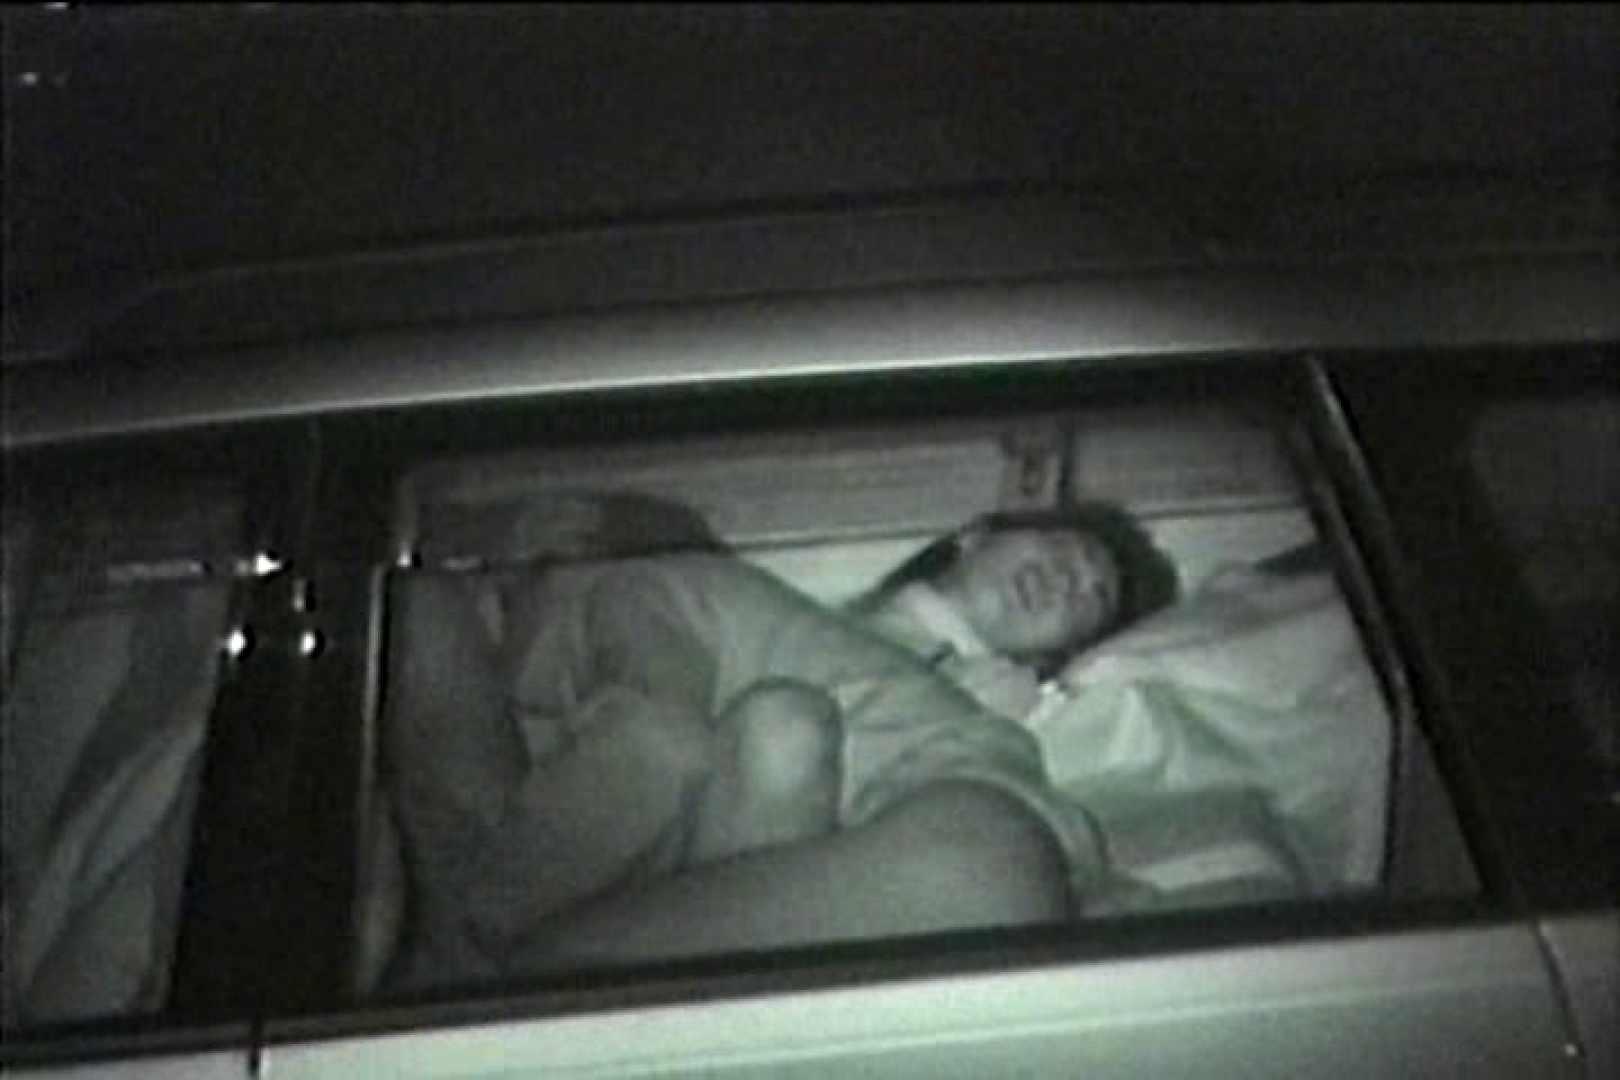 車の中はラブホテル 無修正版  Vol.7 接写 盗撮アダルト動画キャプチャ 96連発 66